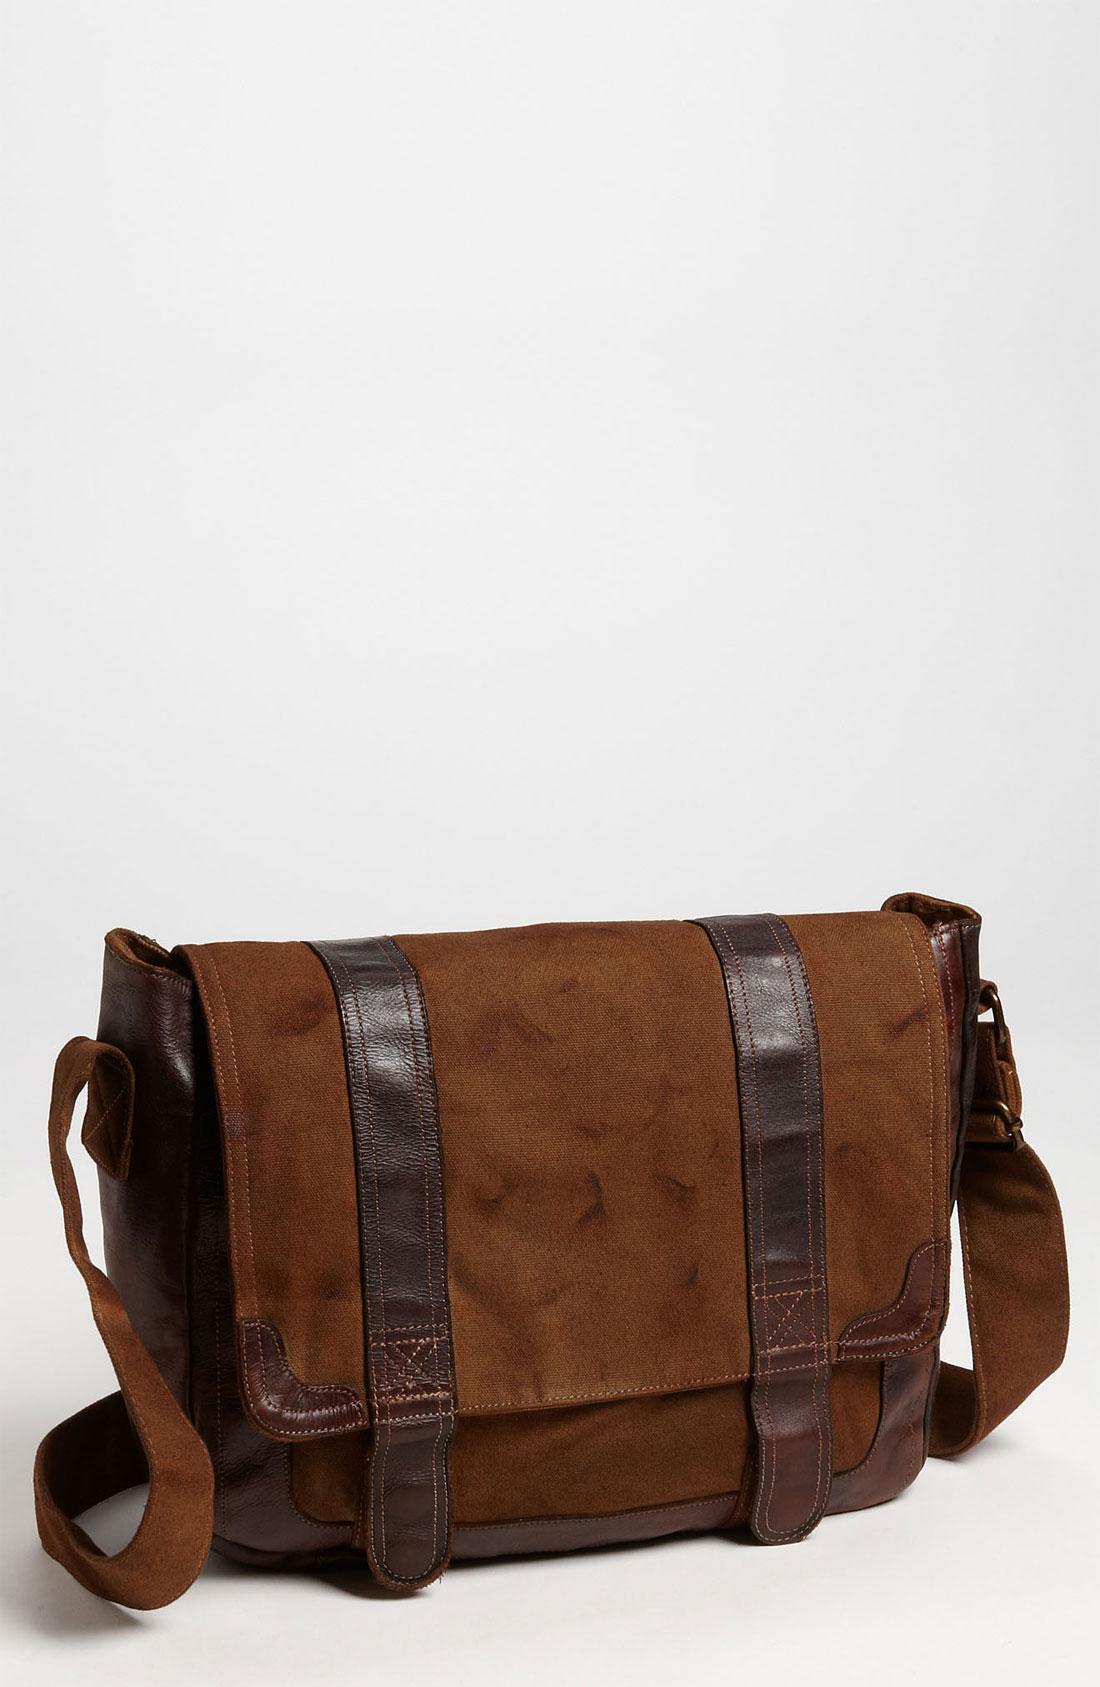 bed stu belos messenger bag in brown for men lyst. Black Bedroom Furniture Sets. Home Design Ideas